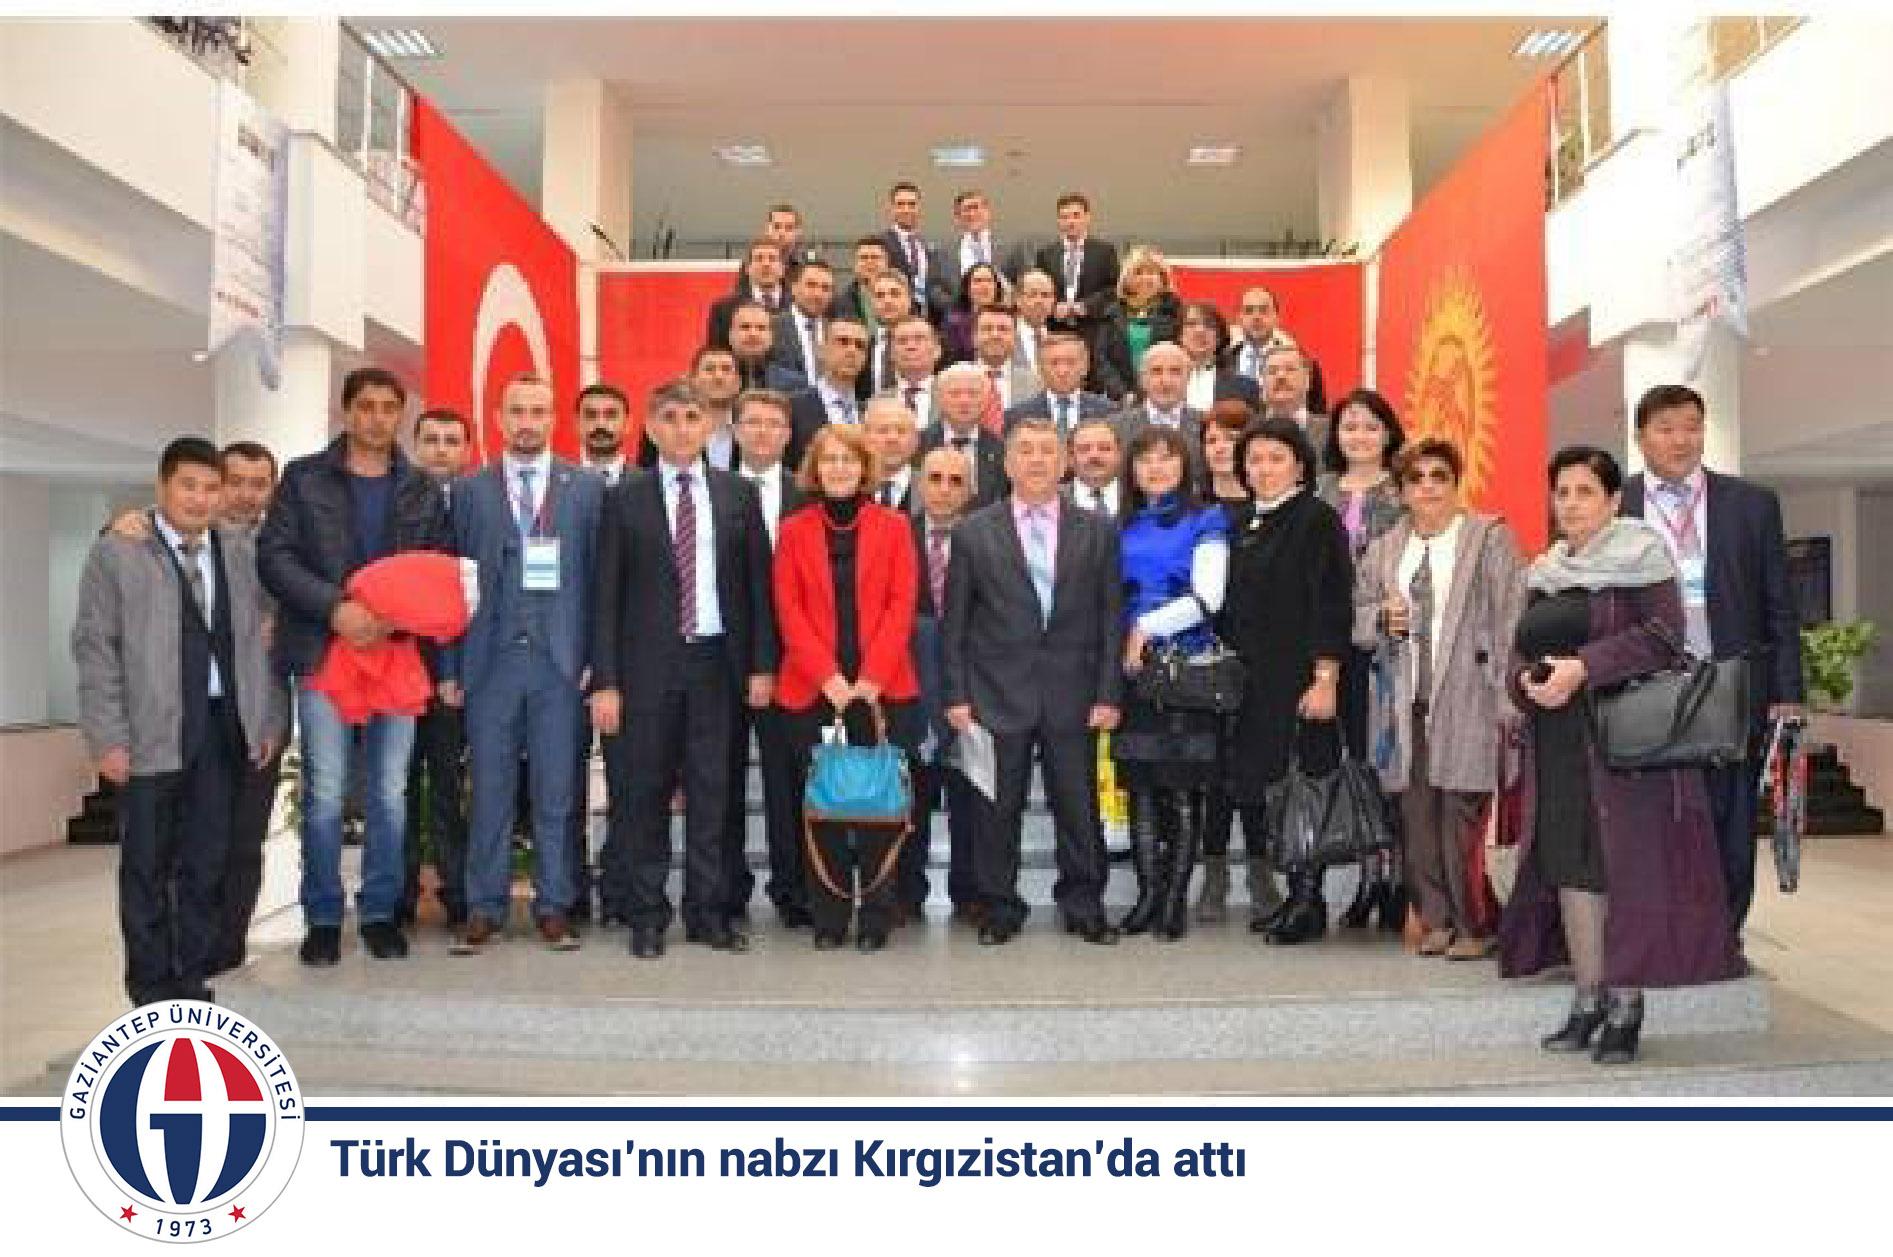 Türk Dünyasının nabzı Kırgızistanda attı